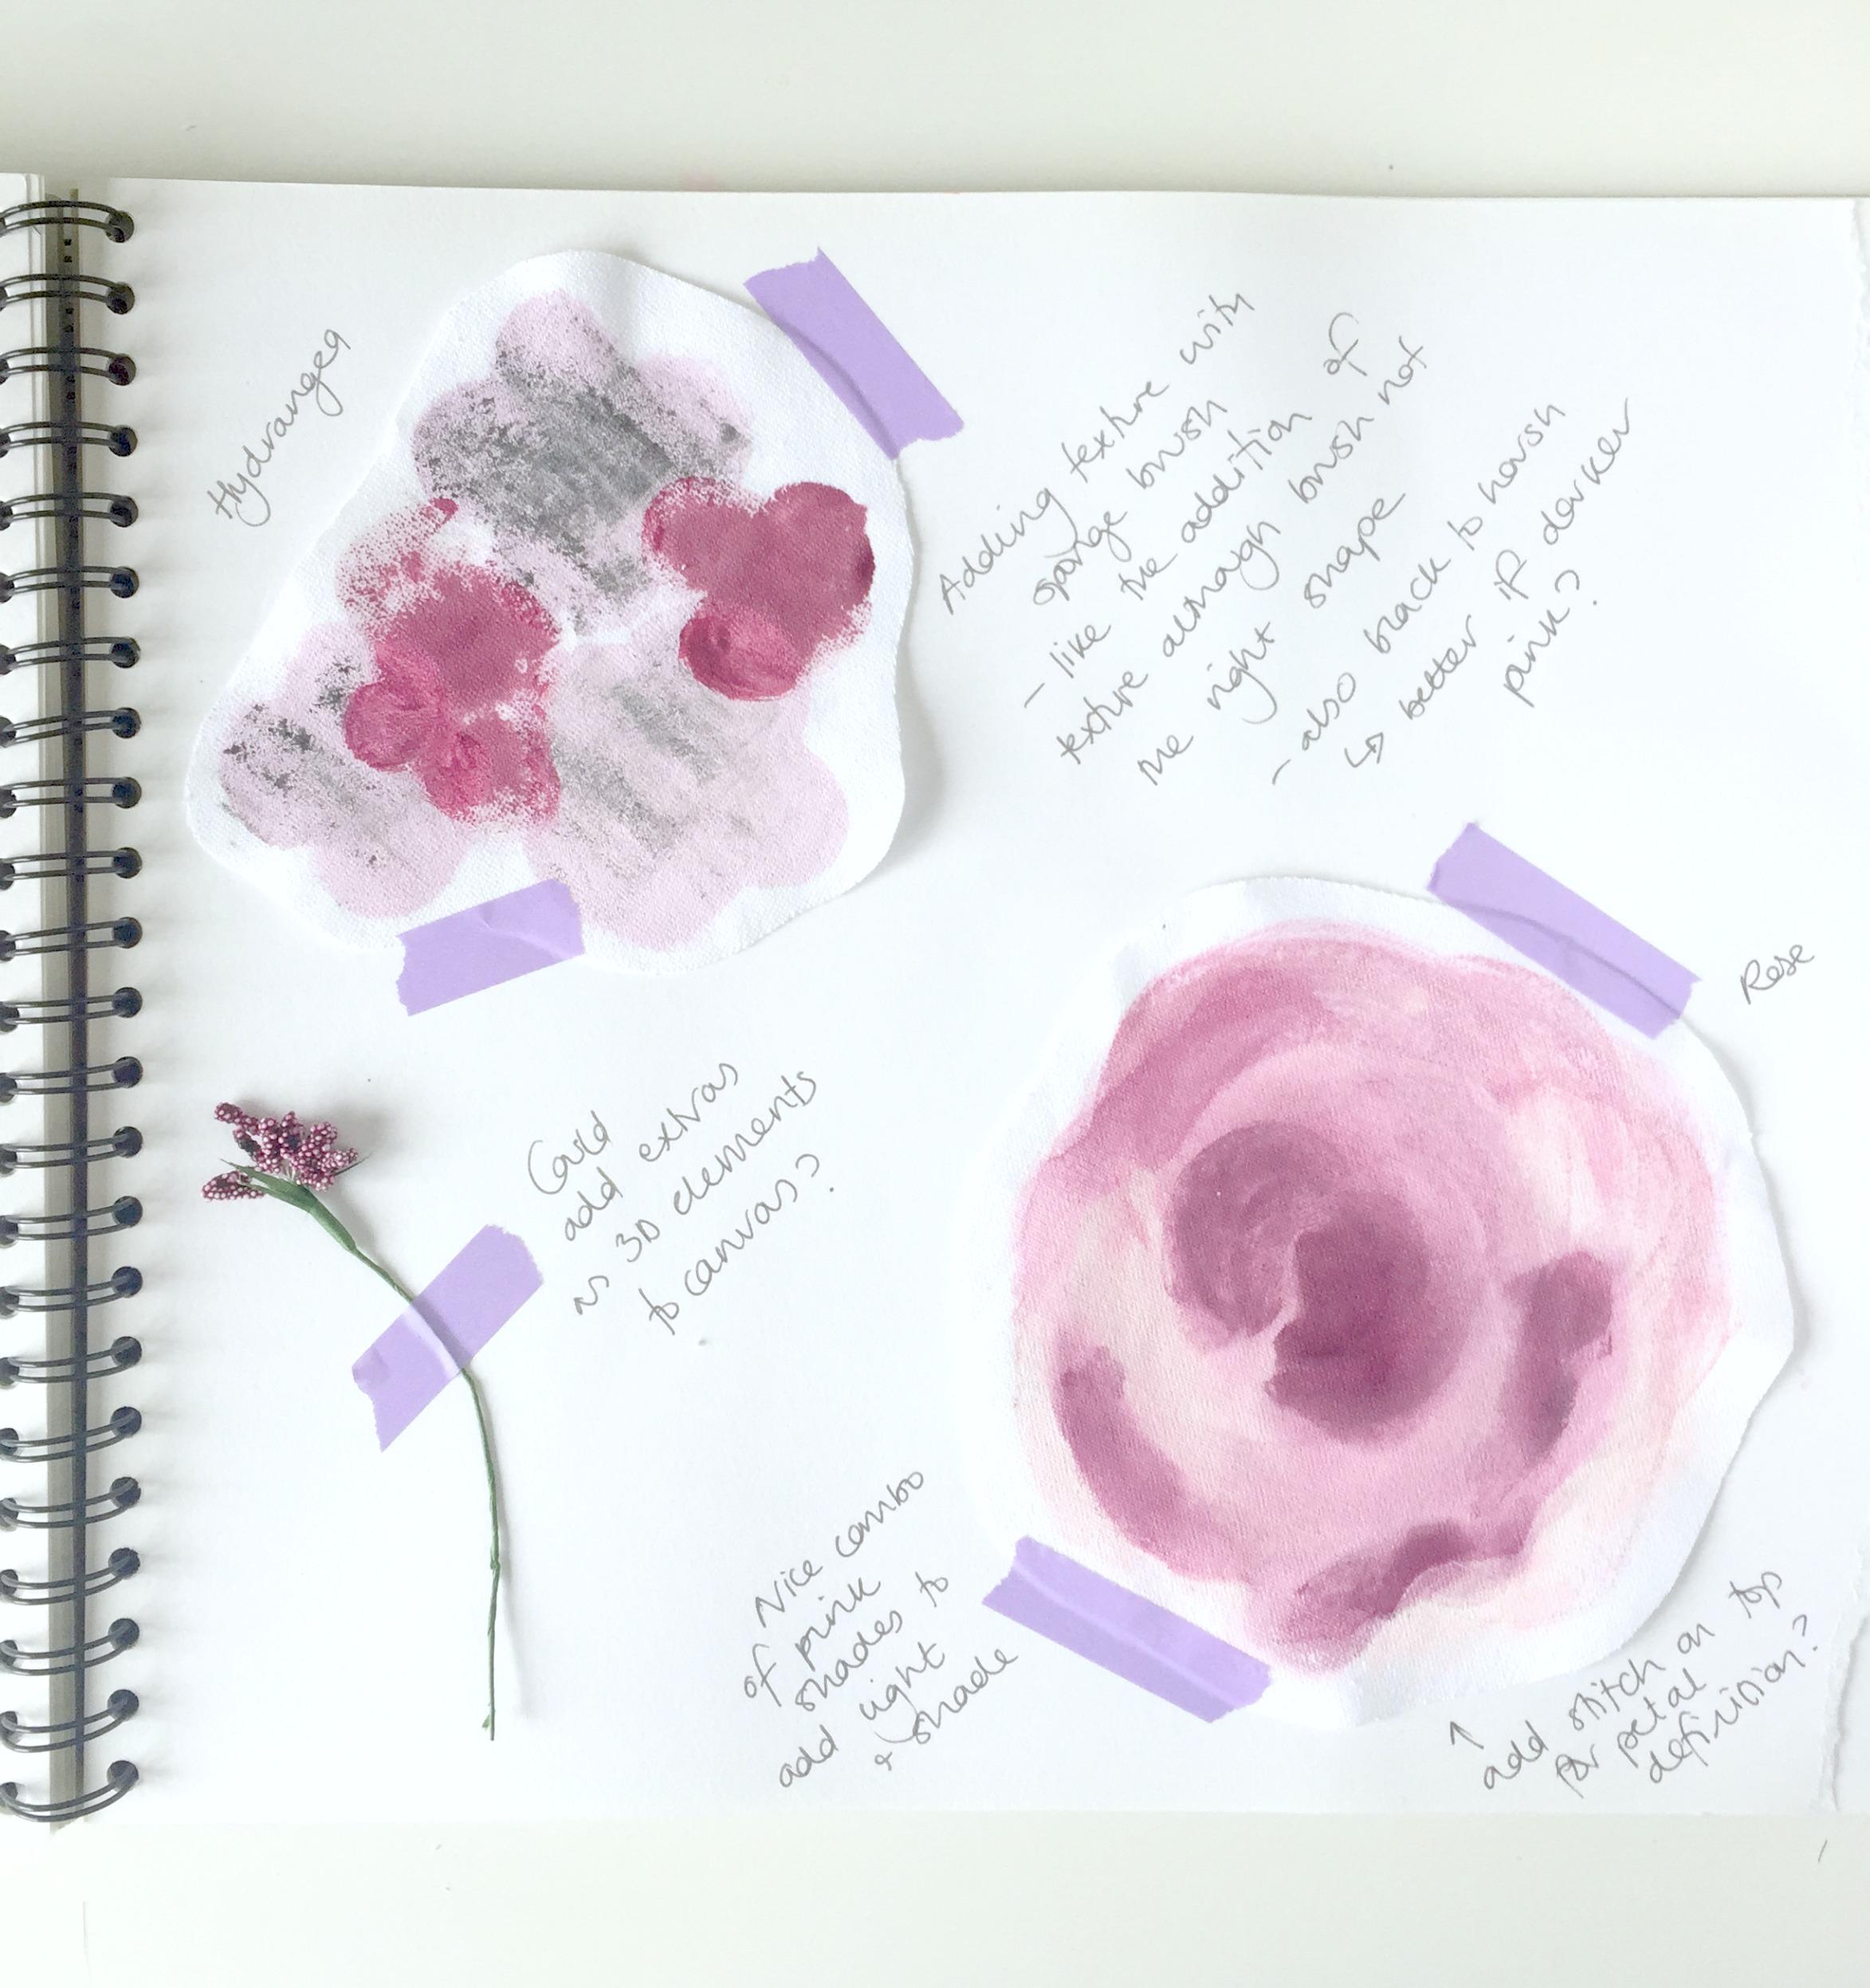 roses-sketchbook-daphnerosa-2